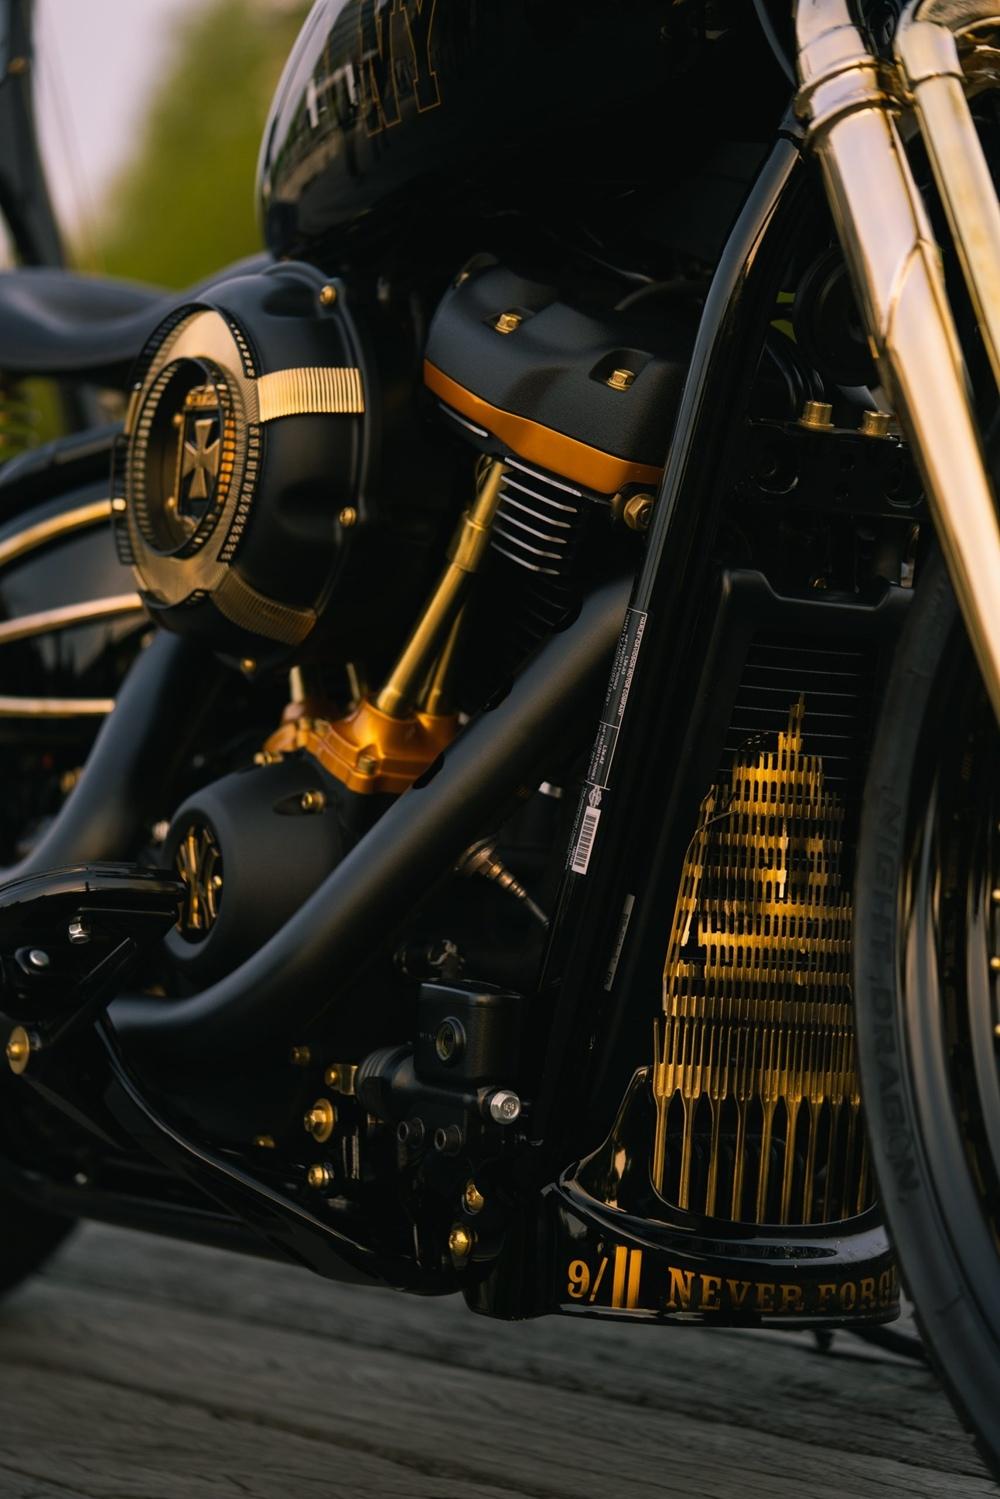 Кастомайзеры Game Over Cycles выиграли награду на Daytona Bike Week 2020